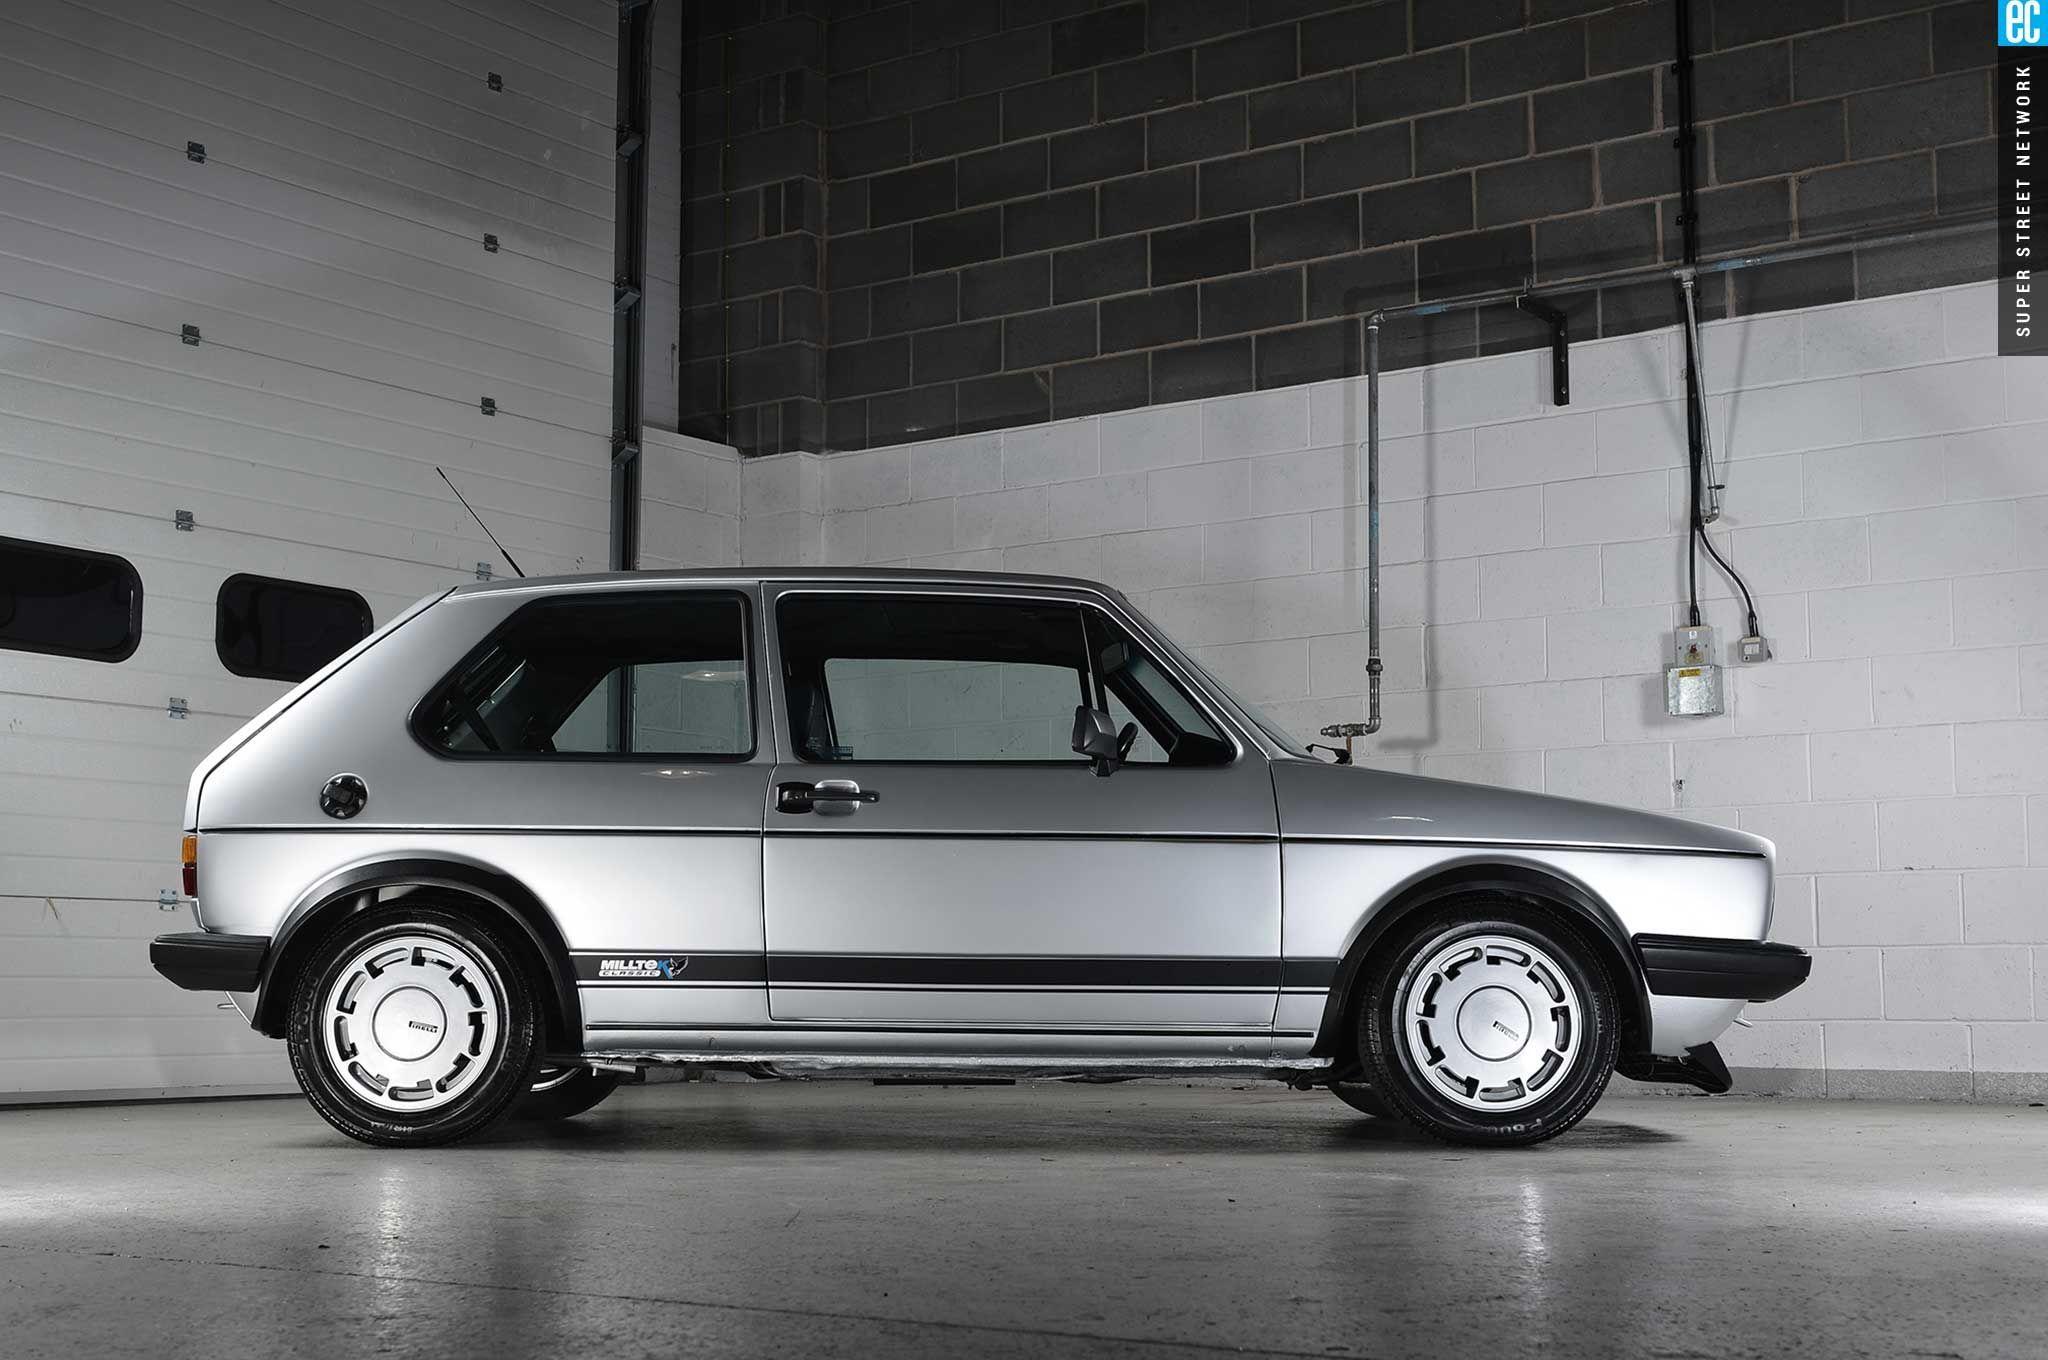 1983 volkswagen gti campaign edition driver side profile 2048 1360 rh pinterest com